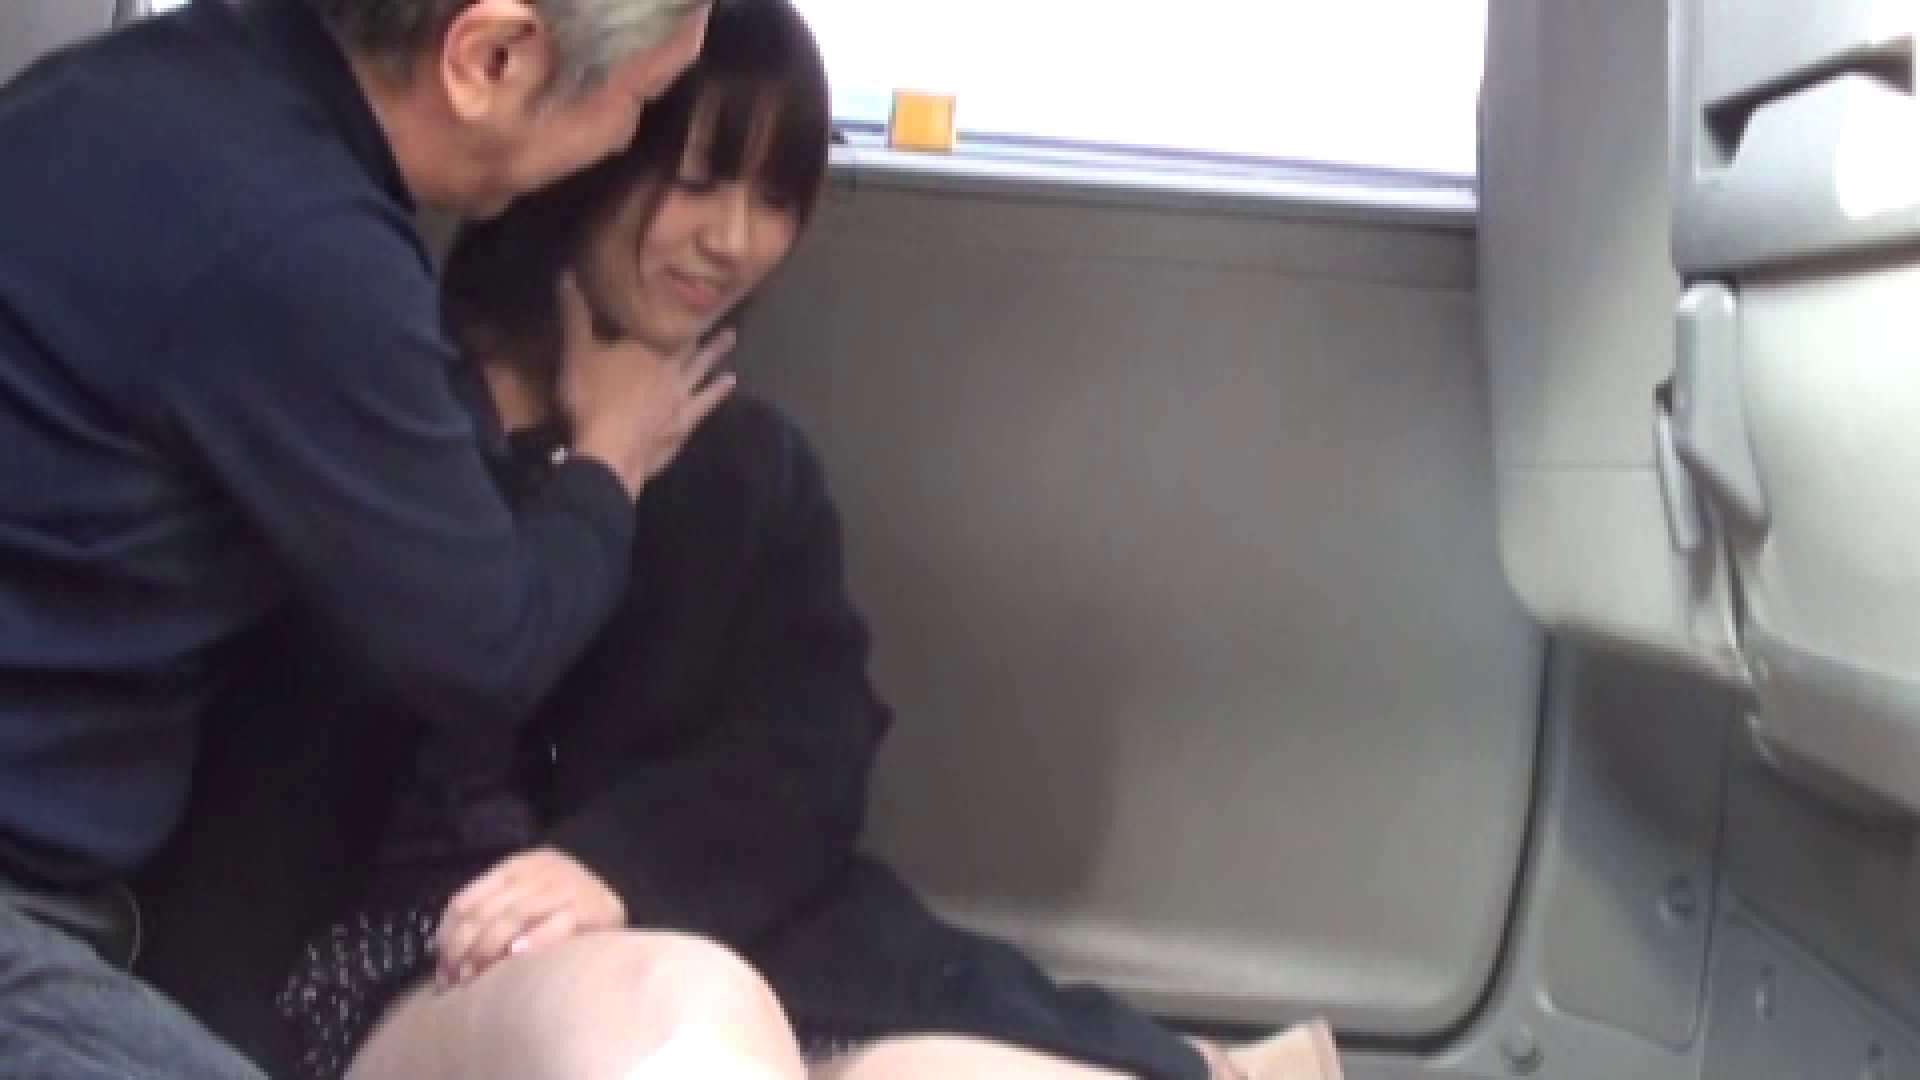 三万円でどうですか? vol.01 ギャルのエロ動画 セックス画像 103PIX 31